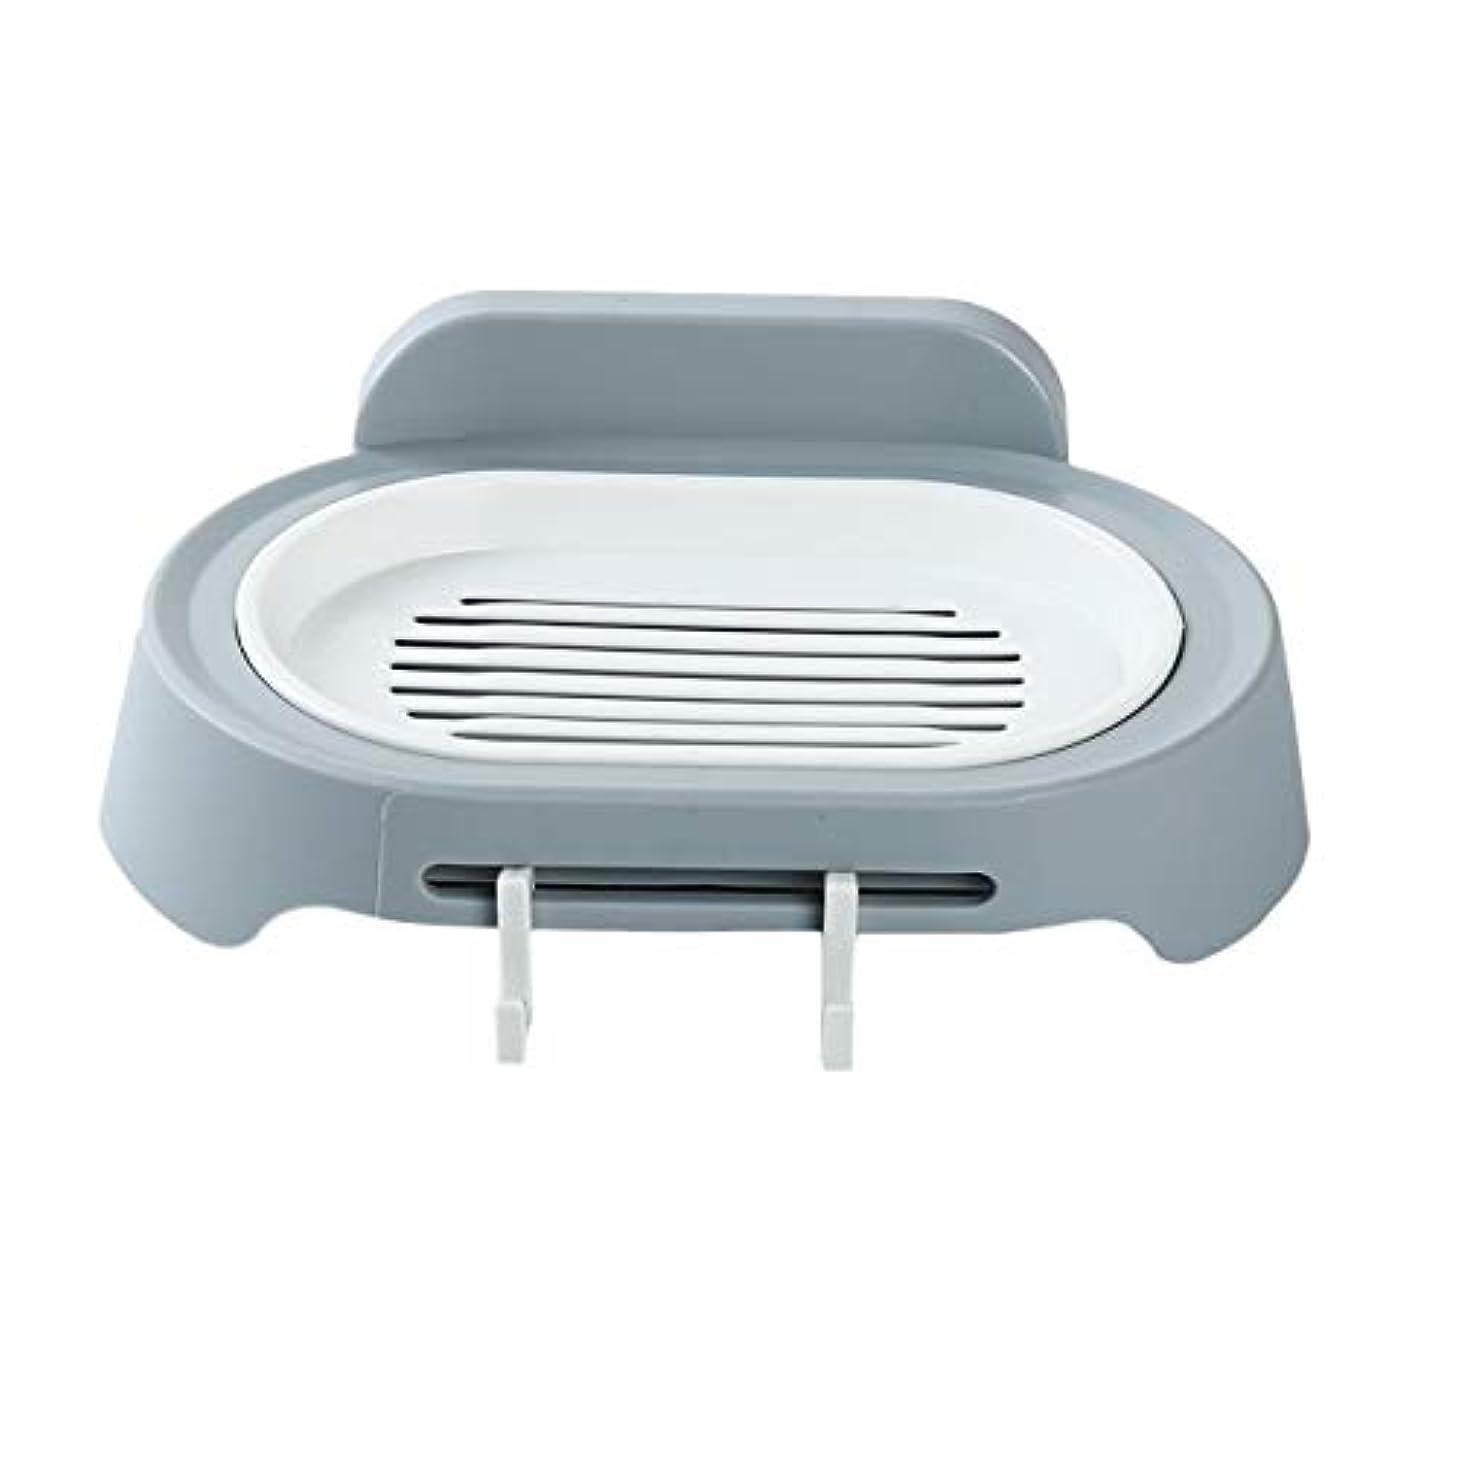 多数のホイップ寸法ZALING 灰色のホックが付いているの浴室の石鹸の貯蔵の吸引の壁に取り付けられた石鹸のオルガナイザー